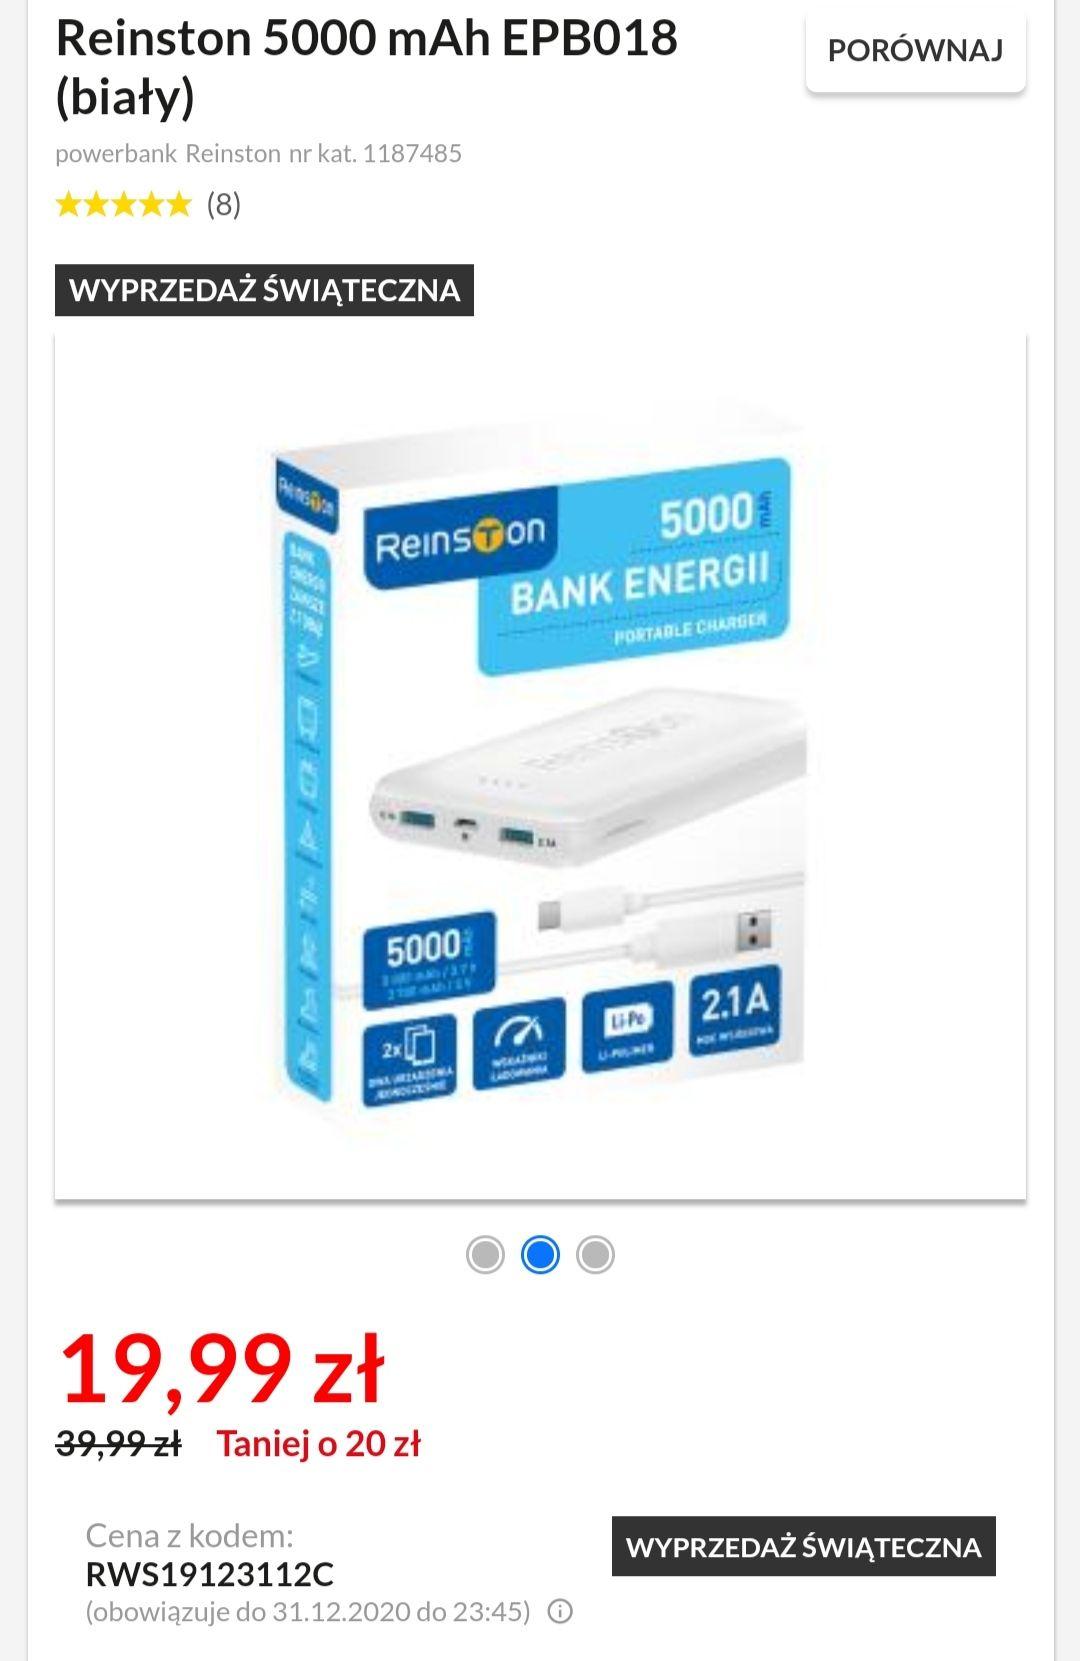 Powerbank Reinston 5000 mAh 2.1A EPB018 (biały/czarny)